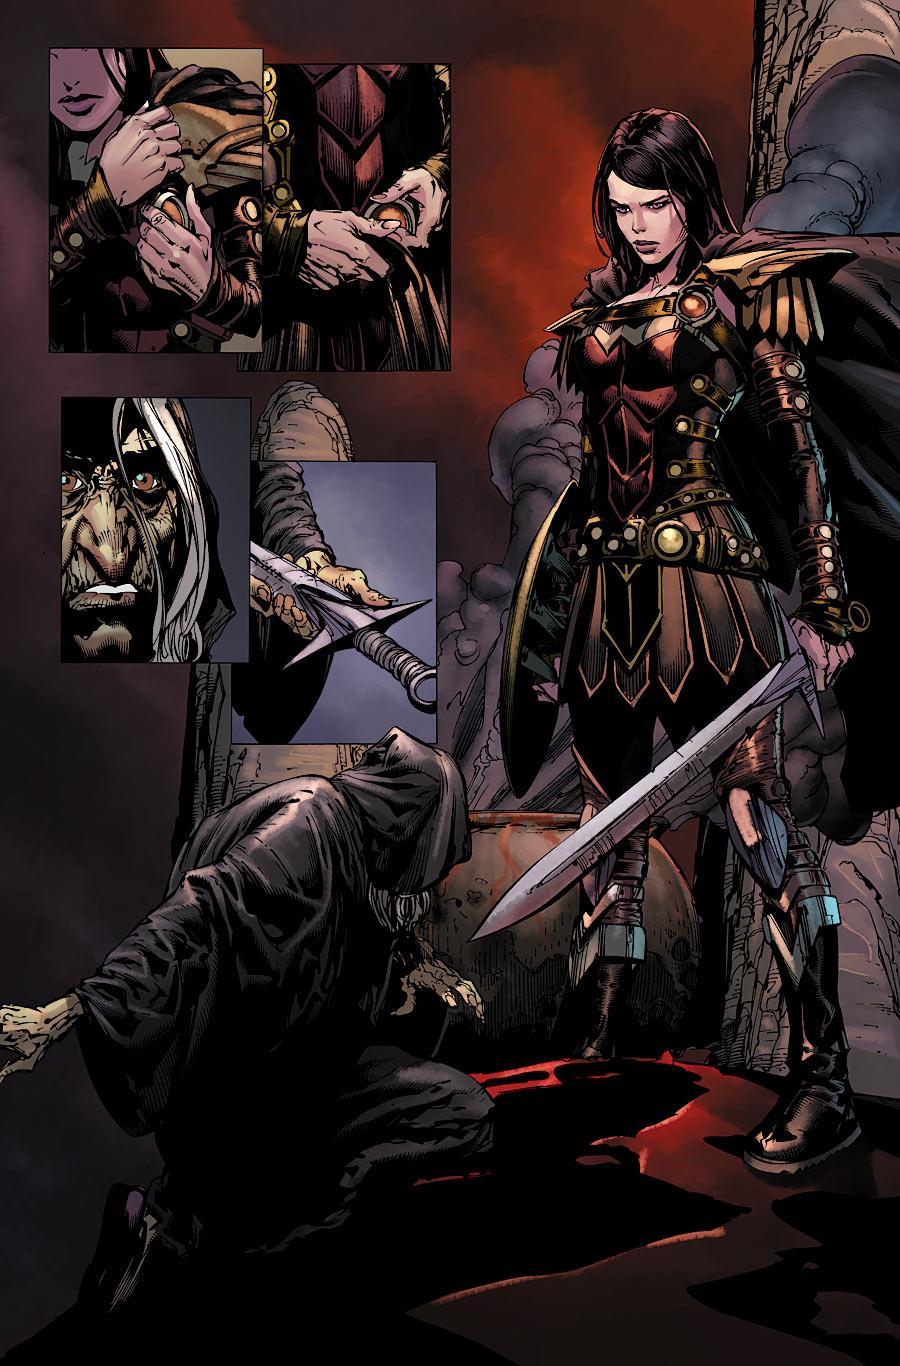 [QUADRINHOS] DC Comics (EUA) - O Cavaleiro das Trevas 3! - Página 4 B7ZXTlkCMAAa7tP